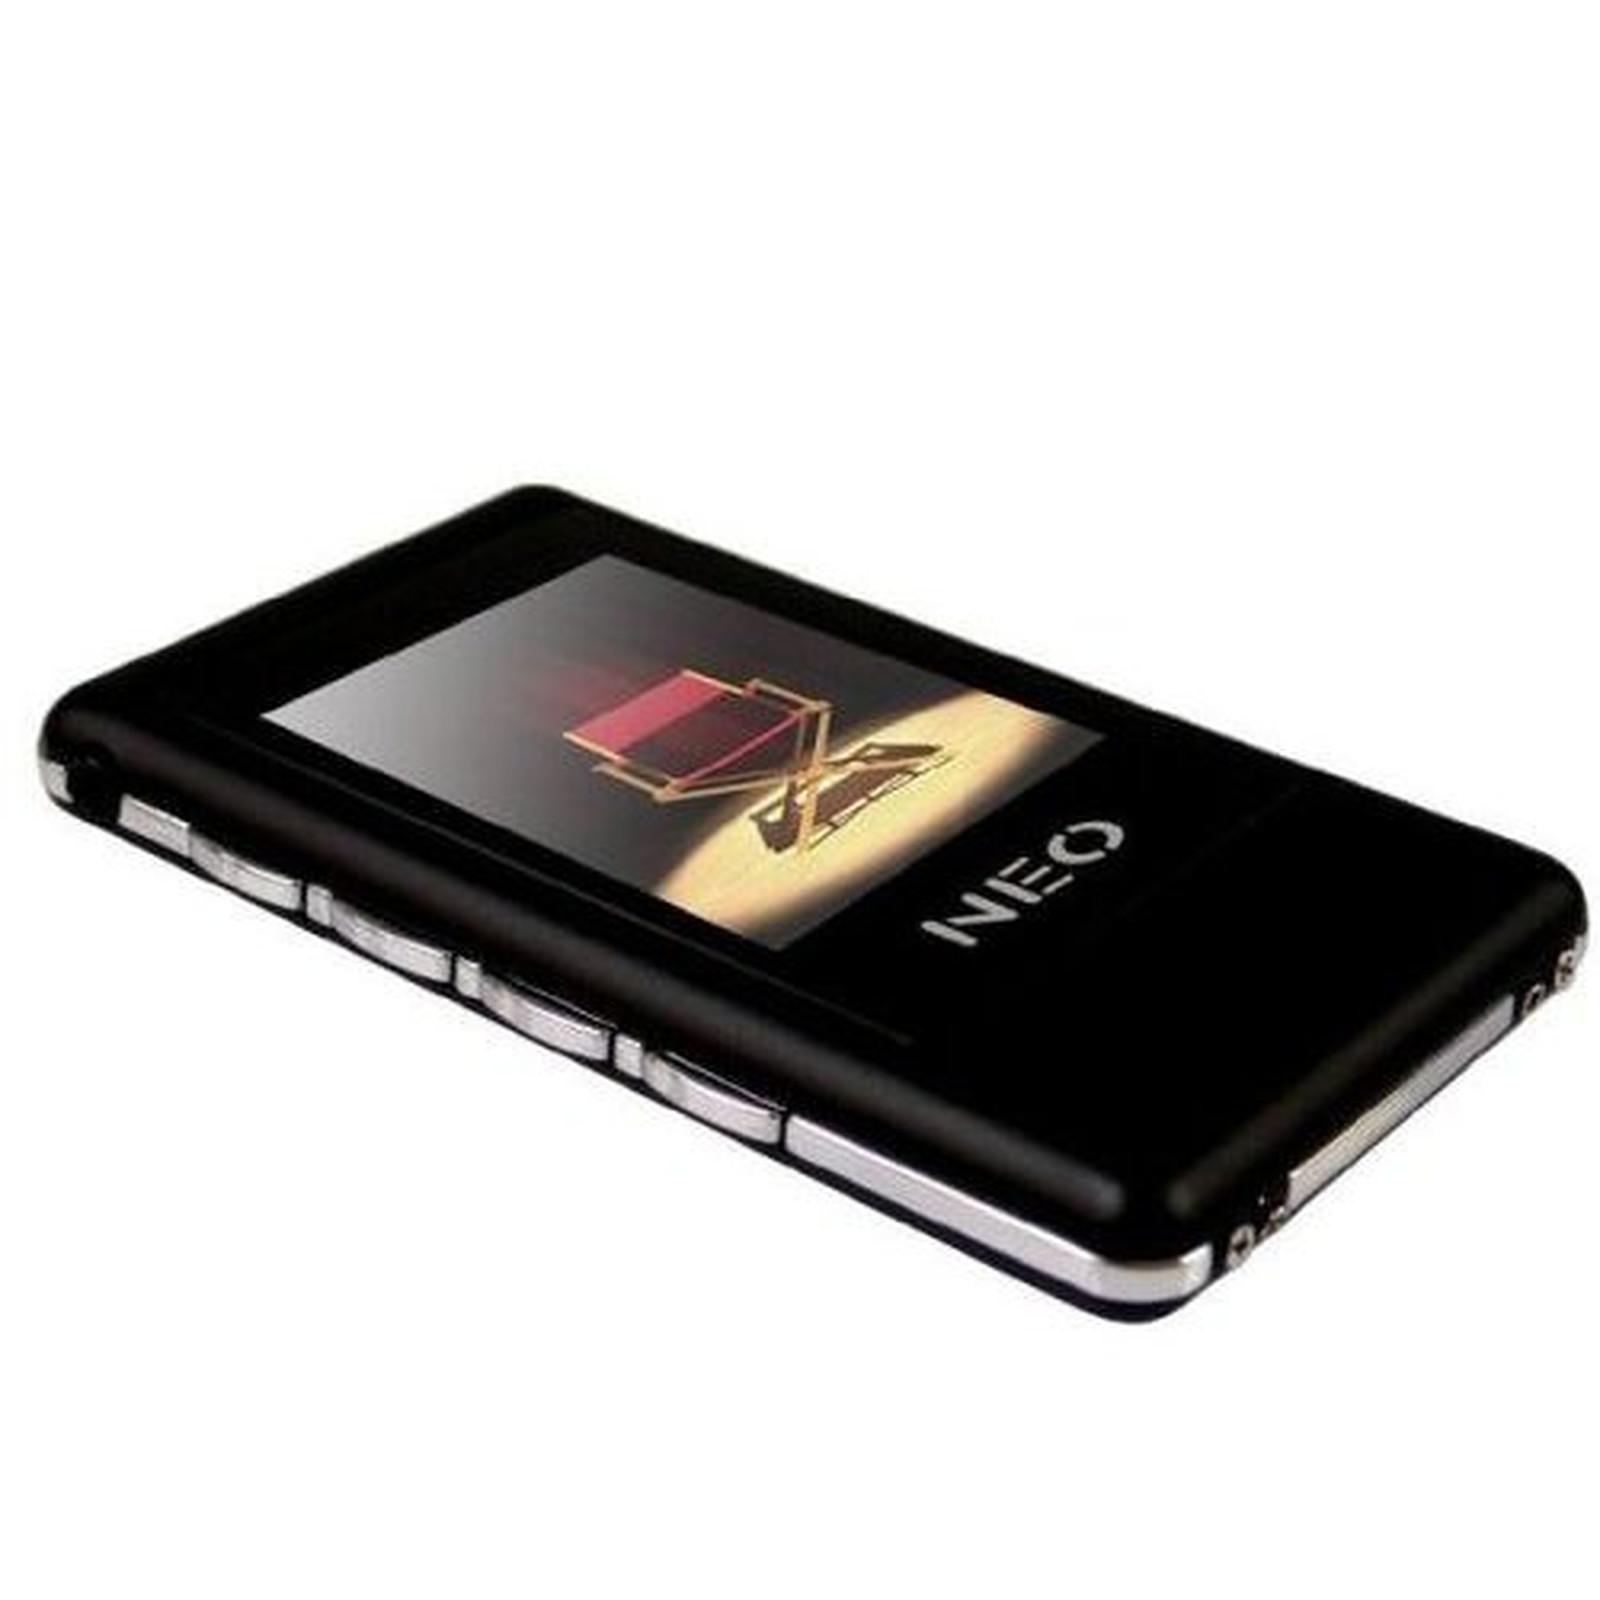 Neo Fusion: Lecteur MP3 & IPod NEO Sur LDLC.com